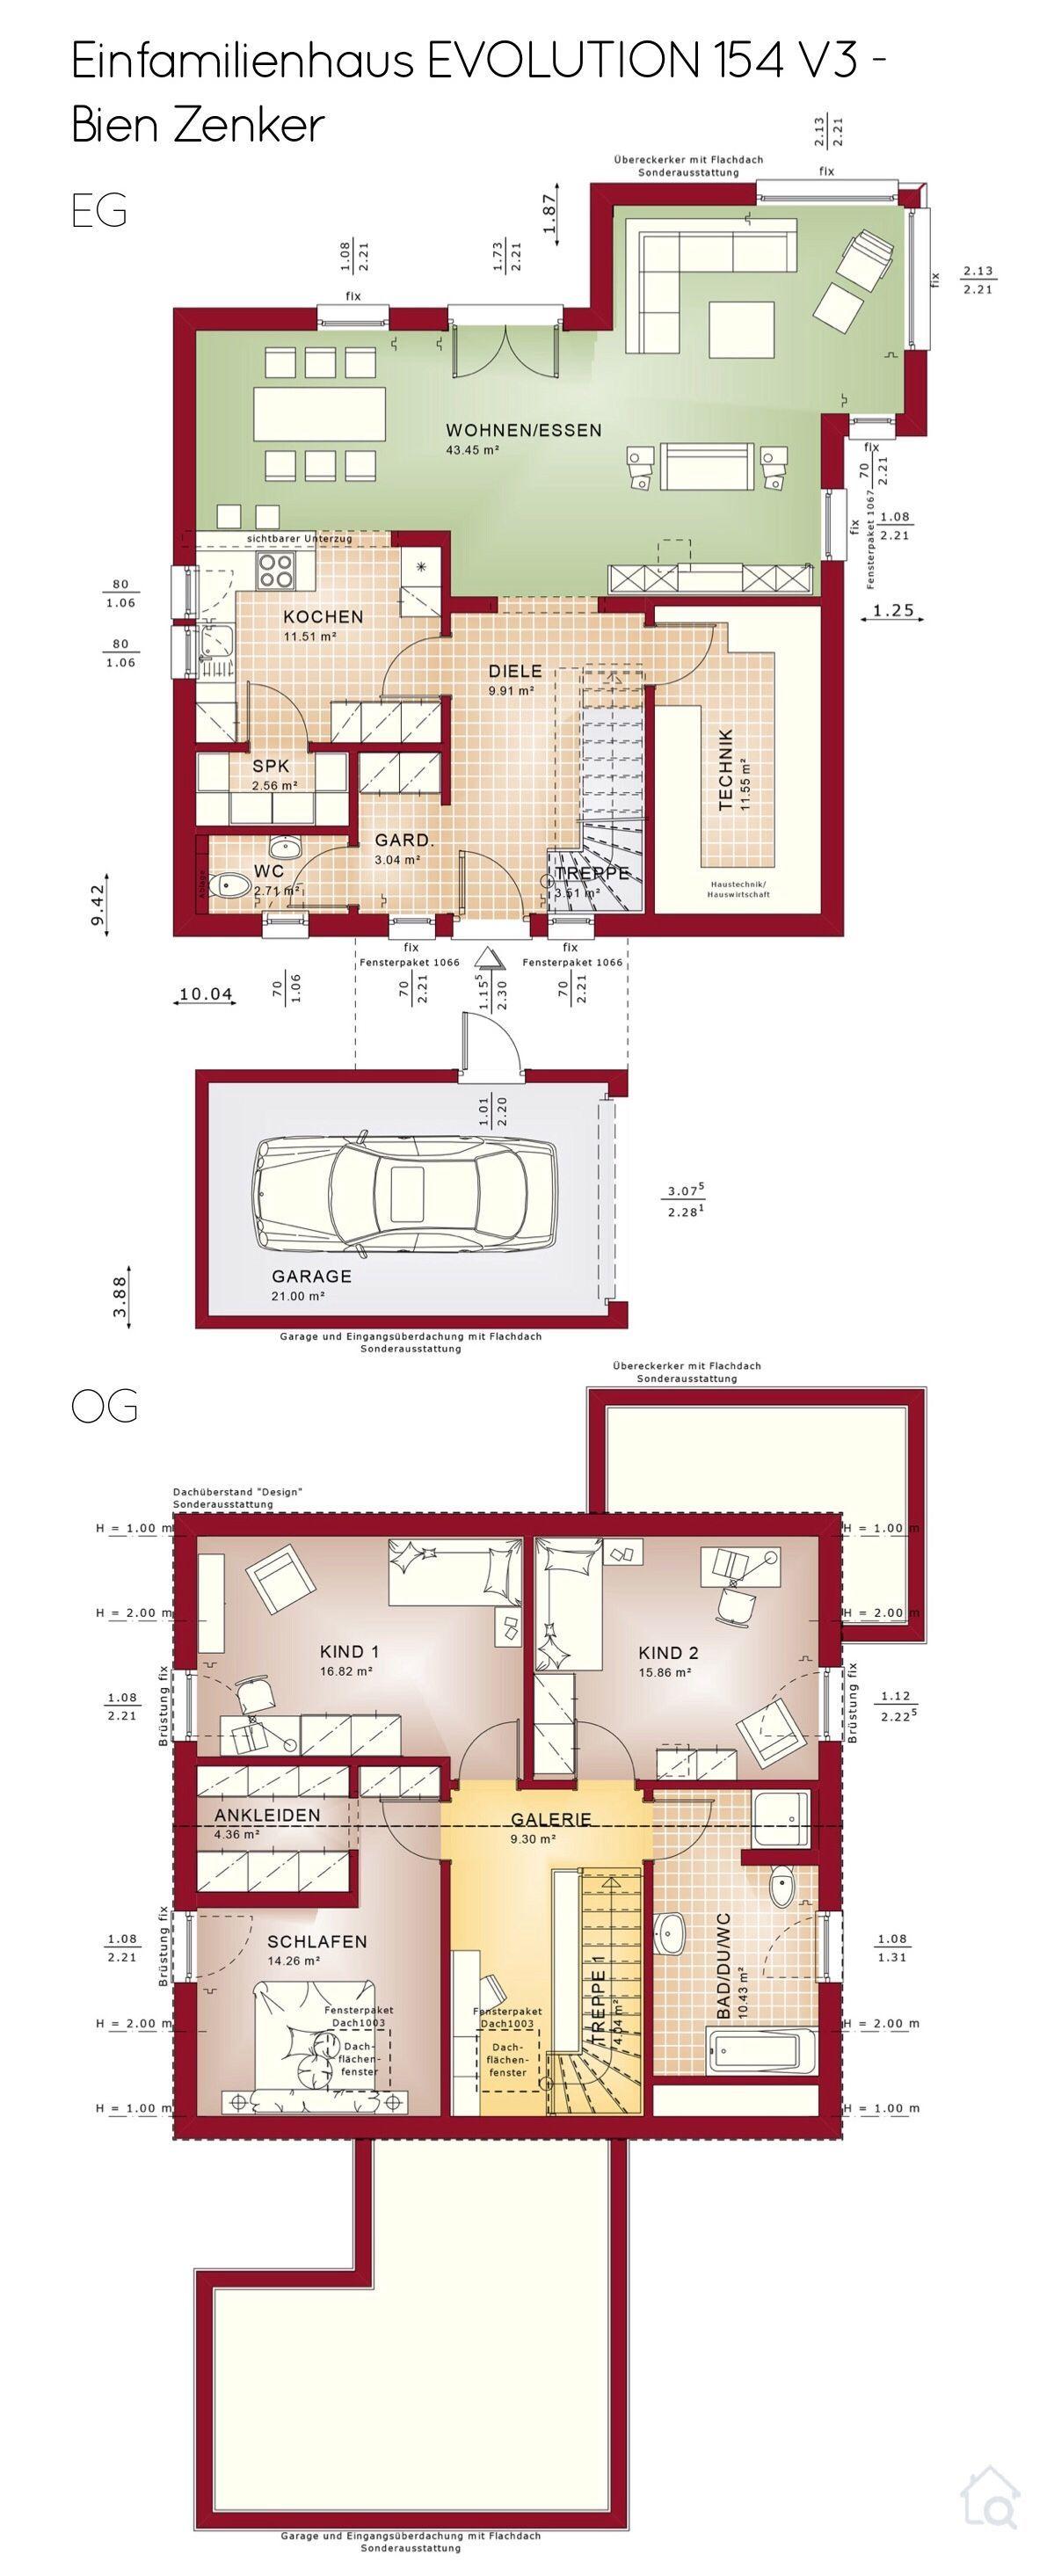 Grundriss Einfamilienhaus mit Garage, Satteldach